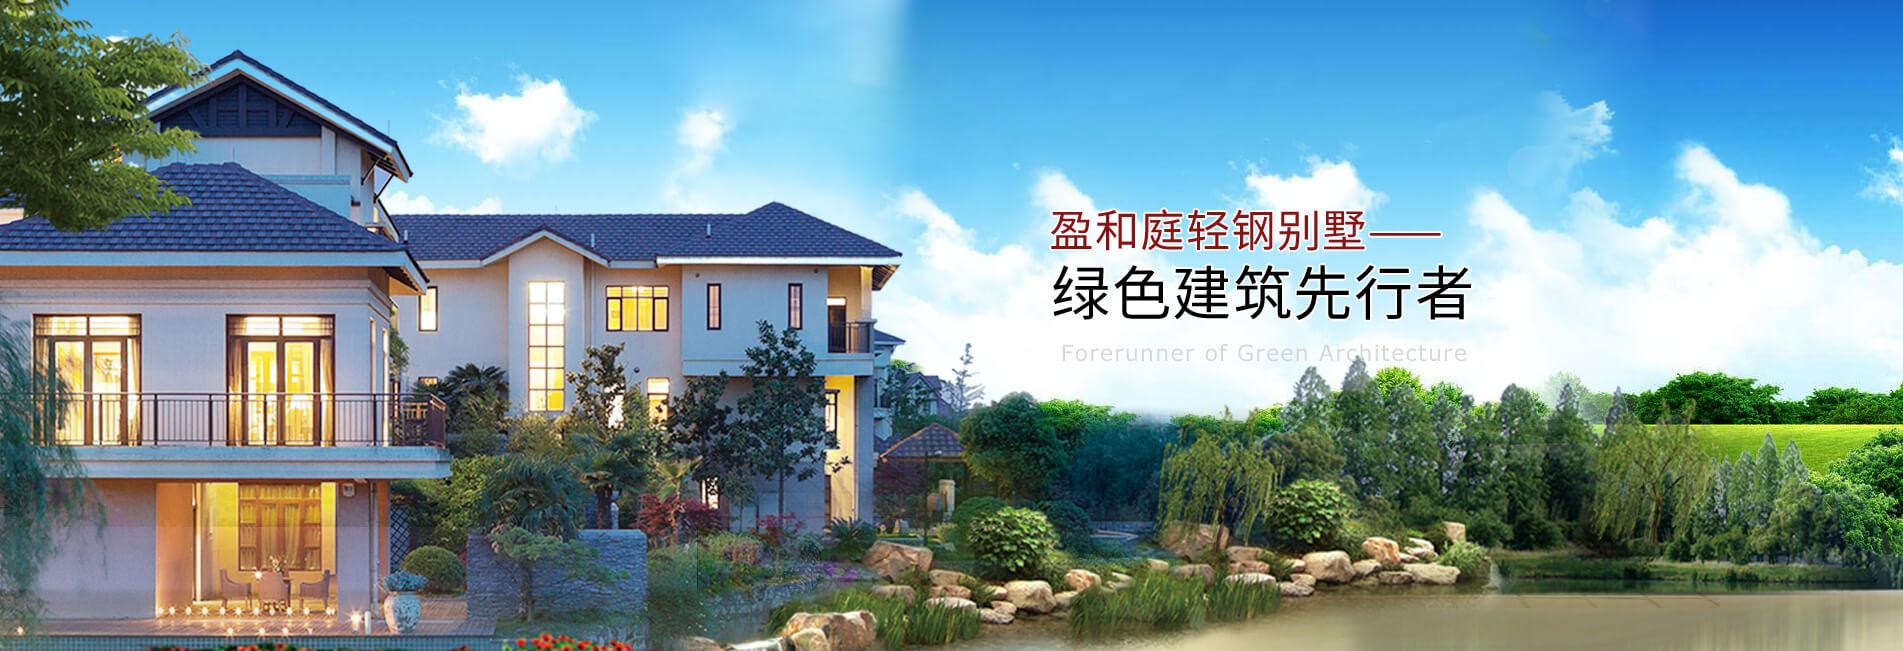 南昌轻钢别墅公司介绍轻钢建筑的外部结构